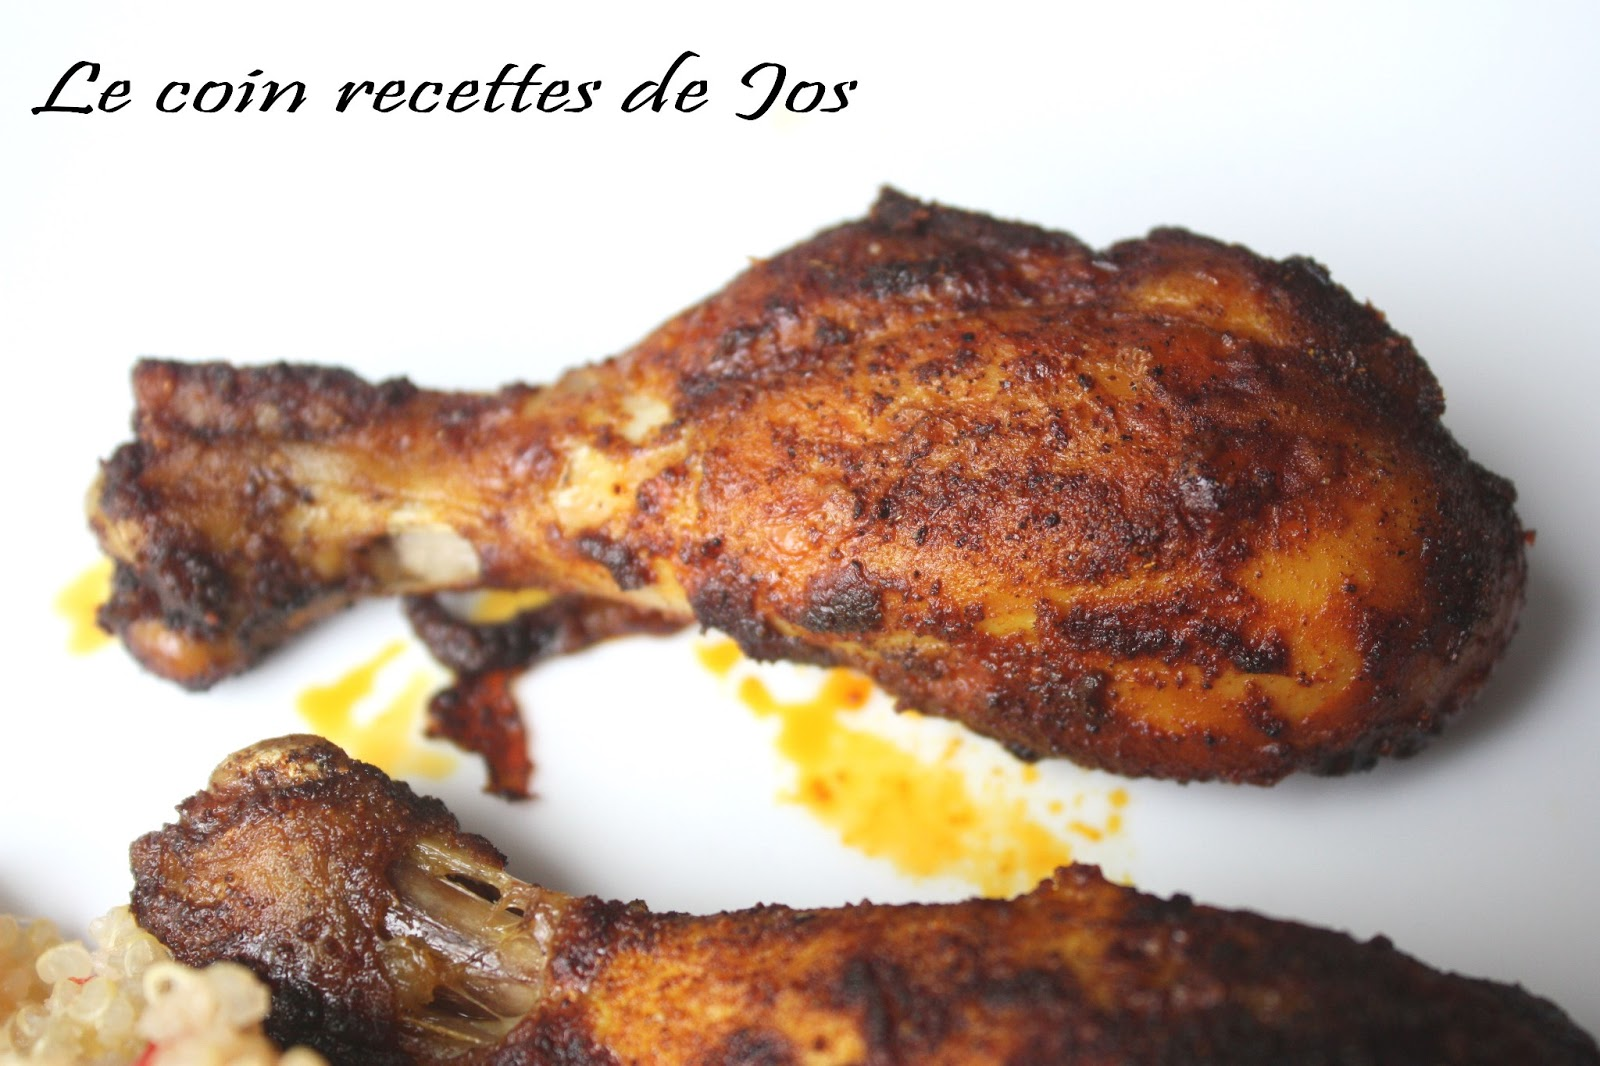 Le coin recettes de jos pilons de poulet au paprika et au curcuma - Pilon de poulet a la poele ...